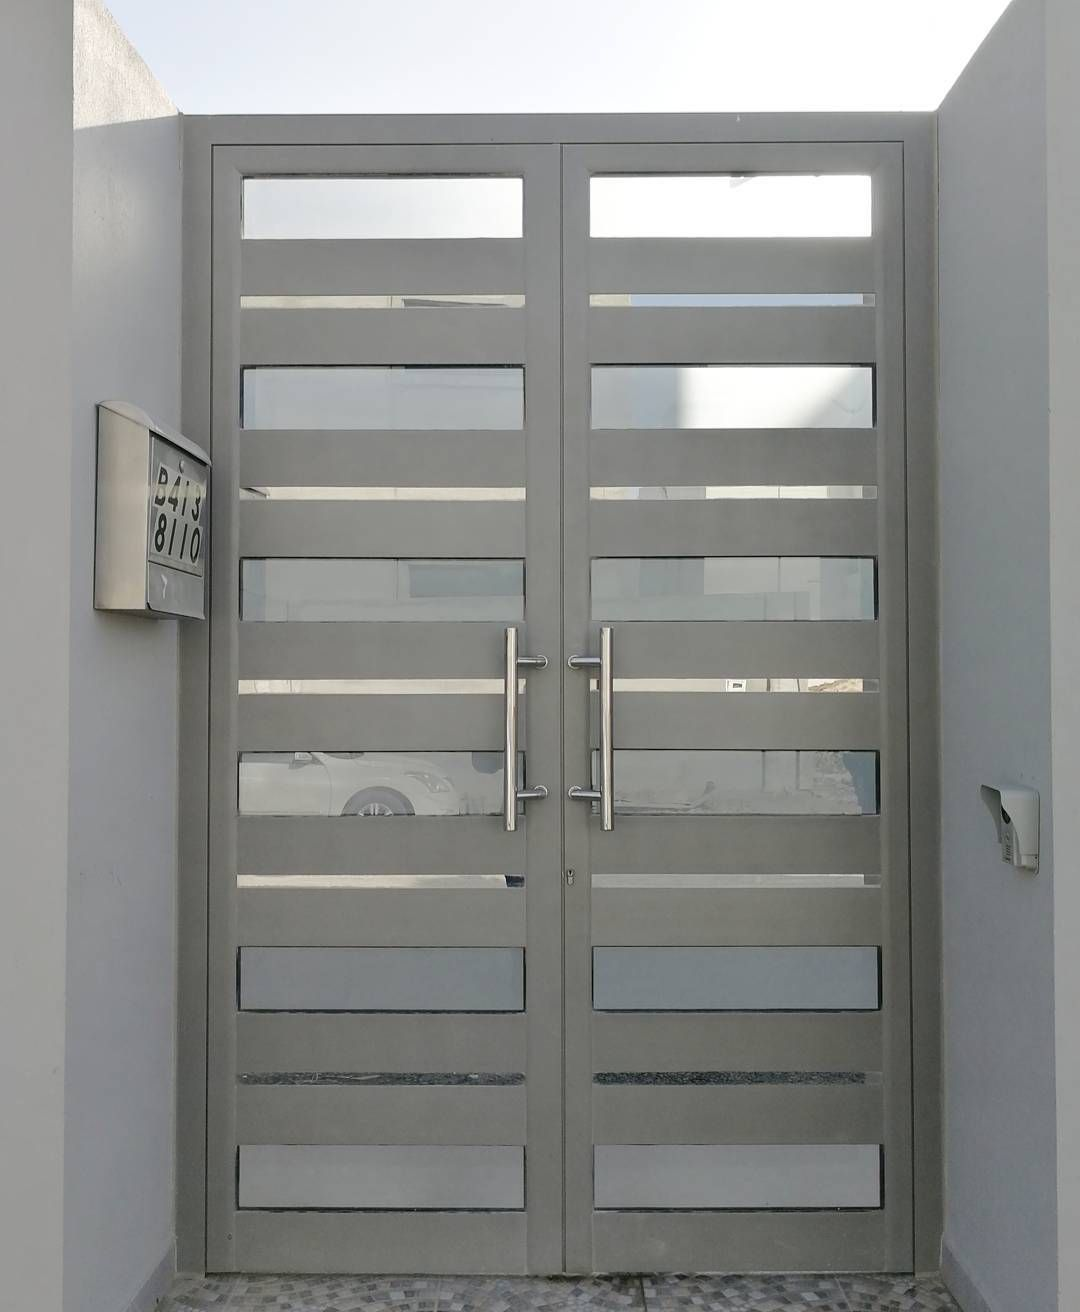 Main Door باب رئيسي مصنوع من الألمنيوم مع ستانلس ستيل من صناعتنا أحد زيائننا في الشاخورة مصنع الساري لتصميم المنتوجات الخ Locker Storage Storage Home Decor